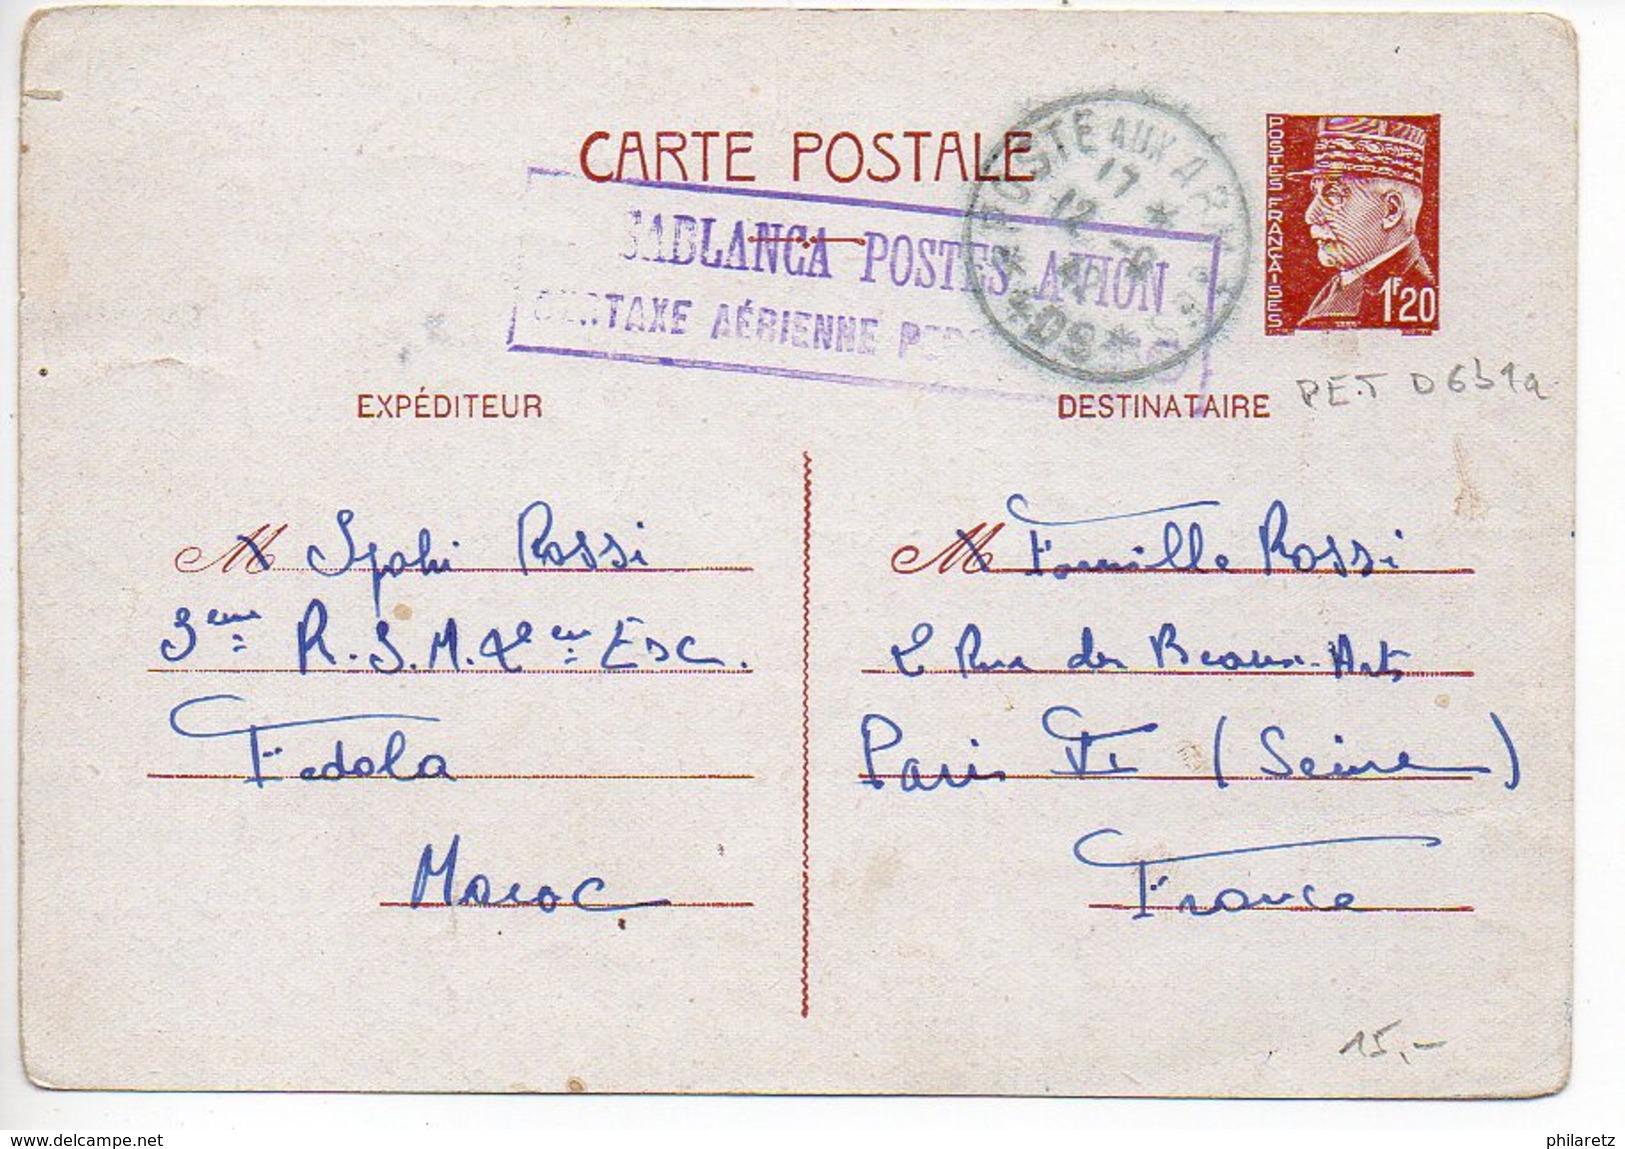 Entier Postal Carte 1f20 Pétain - Provenance Du Maroc Avec Cachet Violet Encadré De Casablanca Postes Avion (CaD T&P 409 - Entiers Postaux